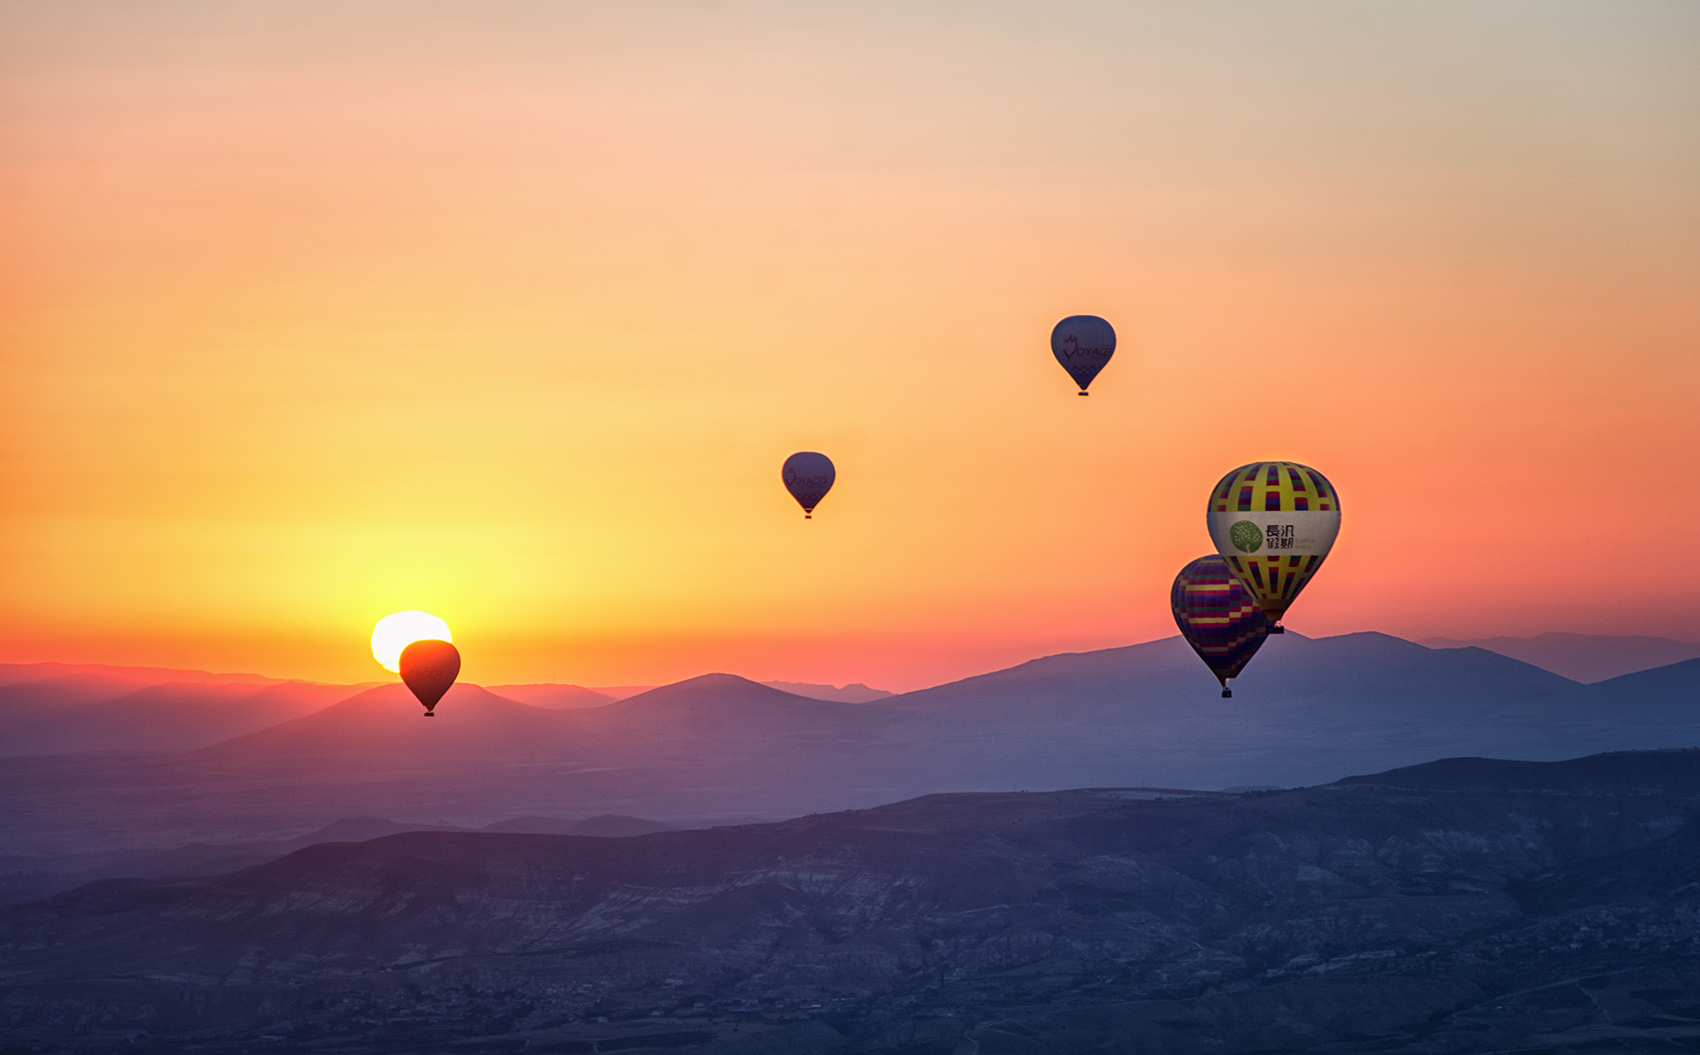 Así evoluciona la adopción de la Open Payment Alliance en la industria turística